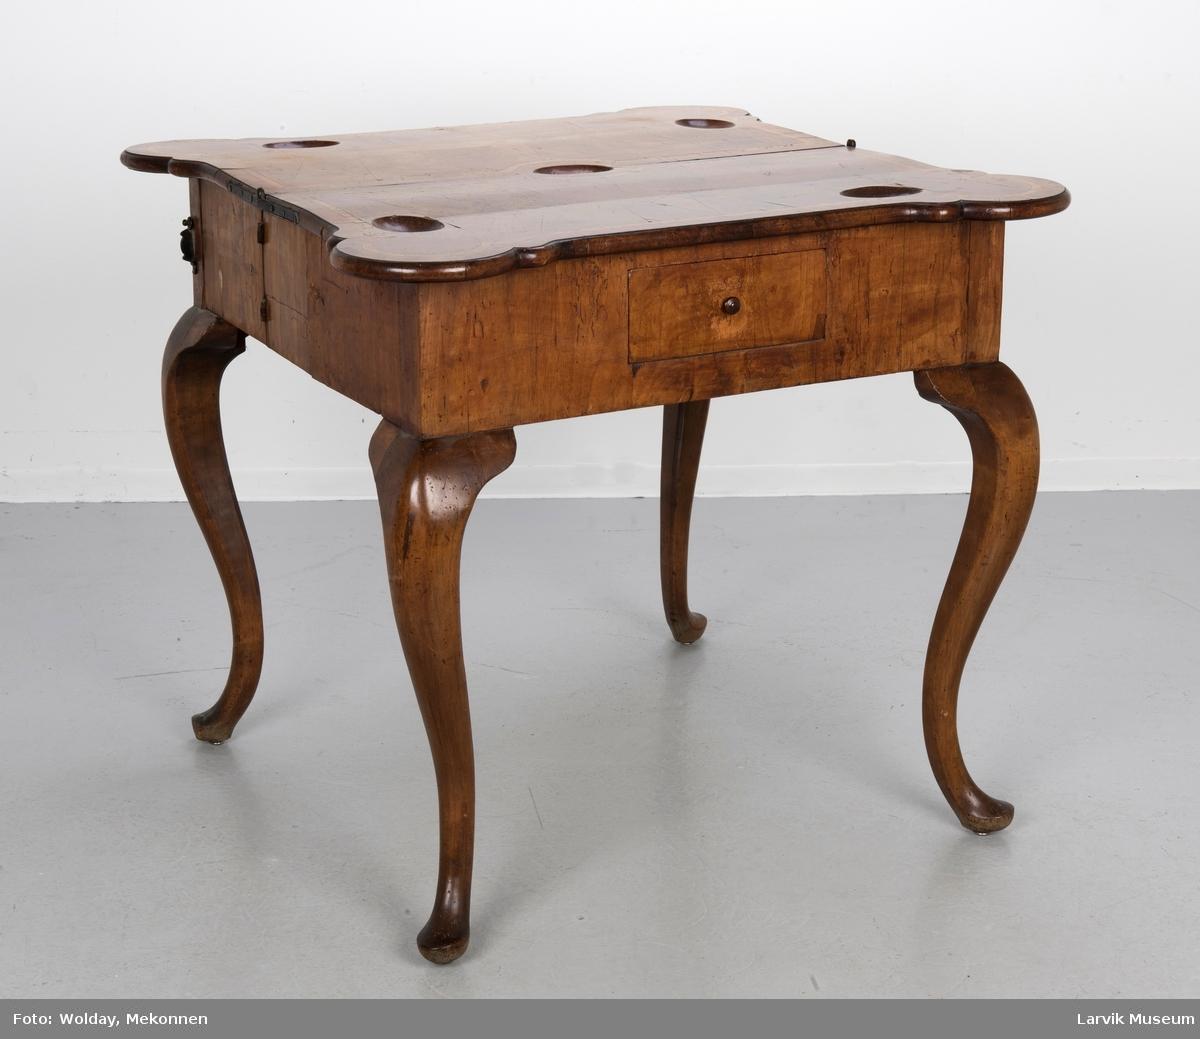 Tysk spillebord av nøttetre. Antakelig Braunschweig, ca. 1740.